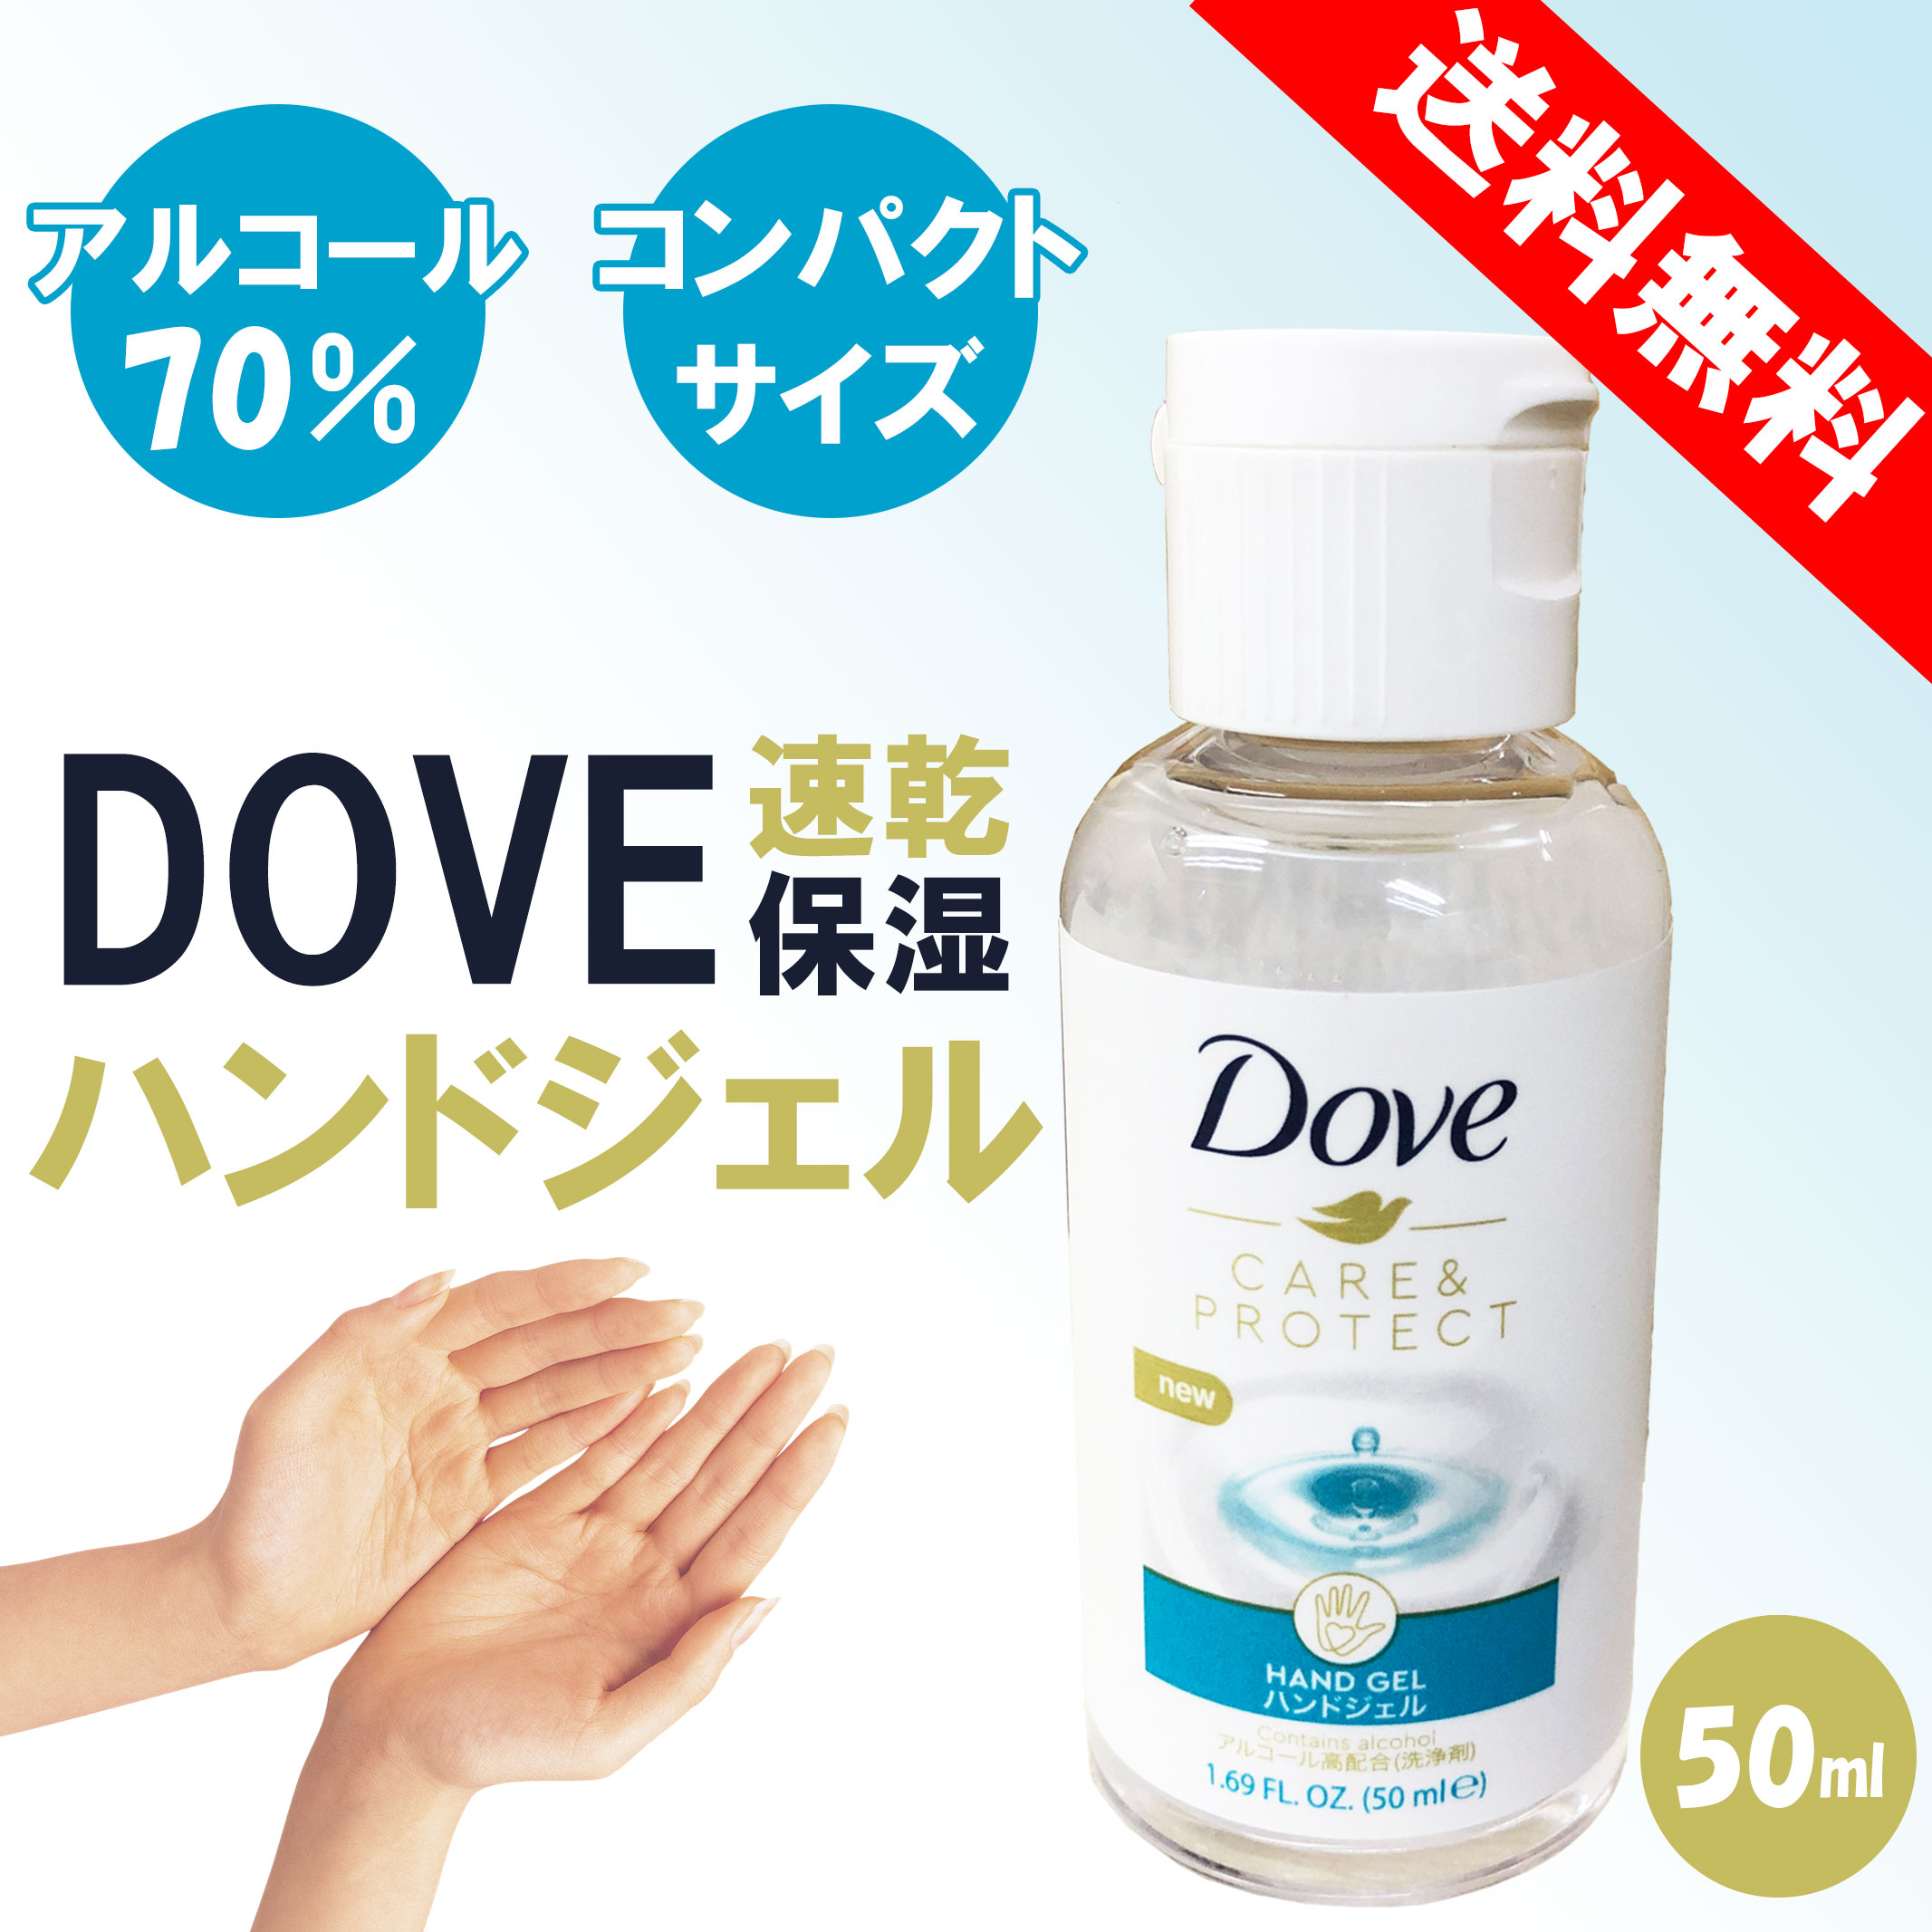 濃度検査済み ダブ Dove クリーン ハンドジェル 50ml アルコール 除菌 コンパクト保湿